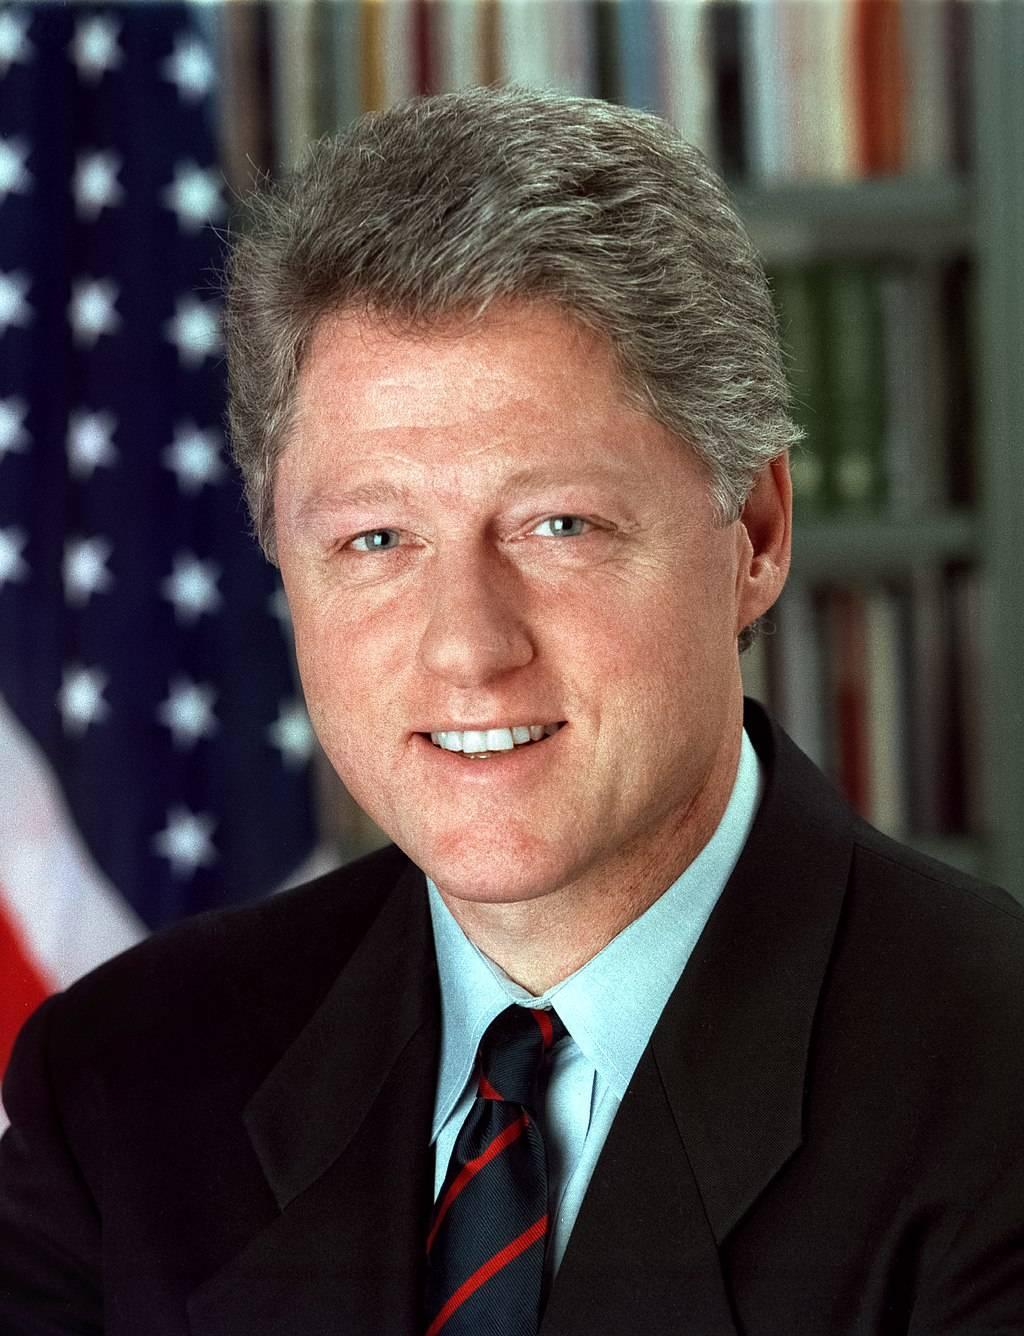 Bill Clinton's speech